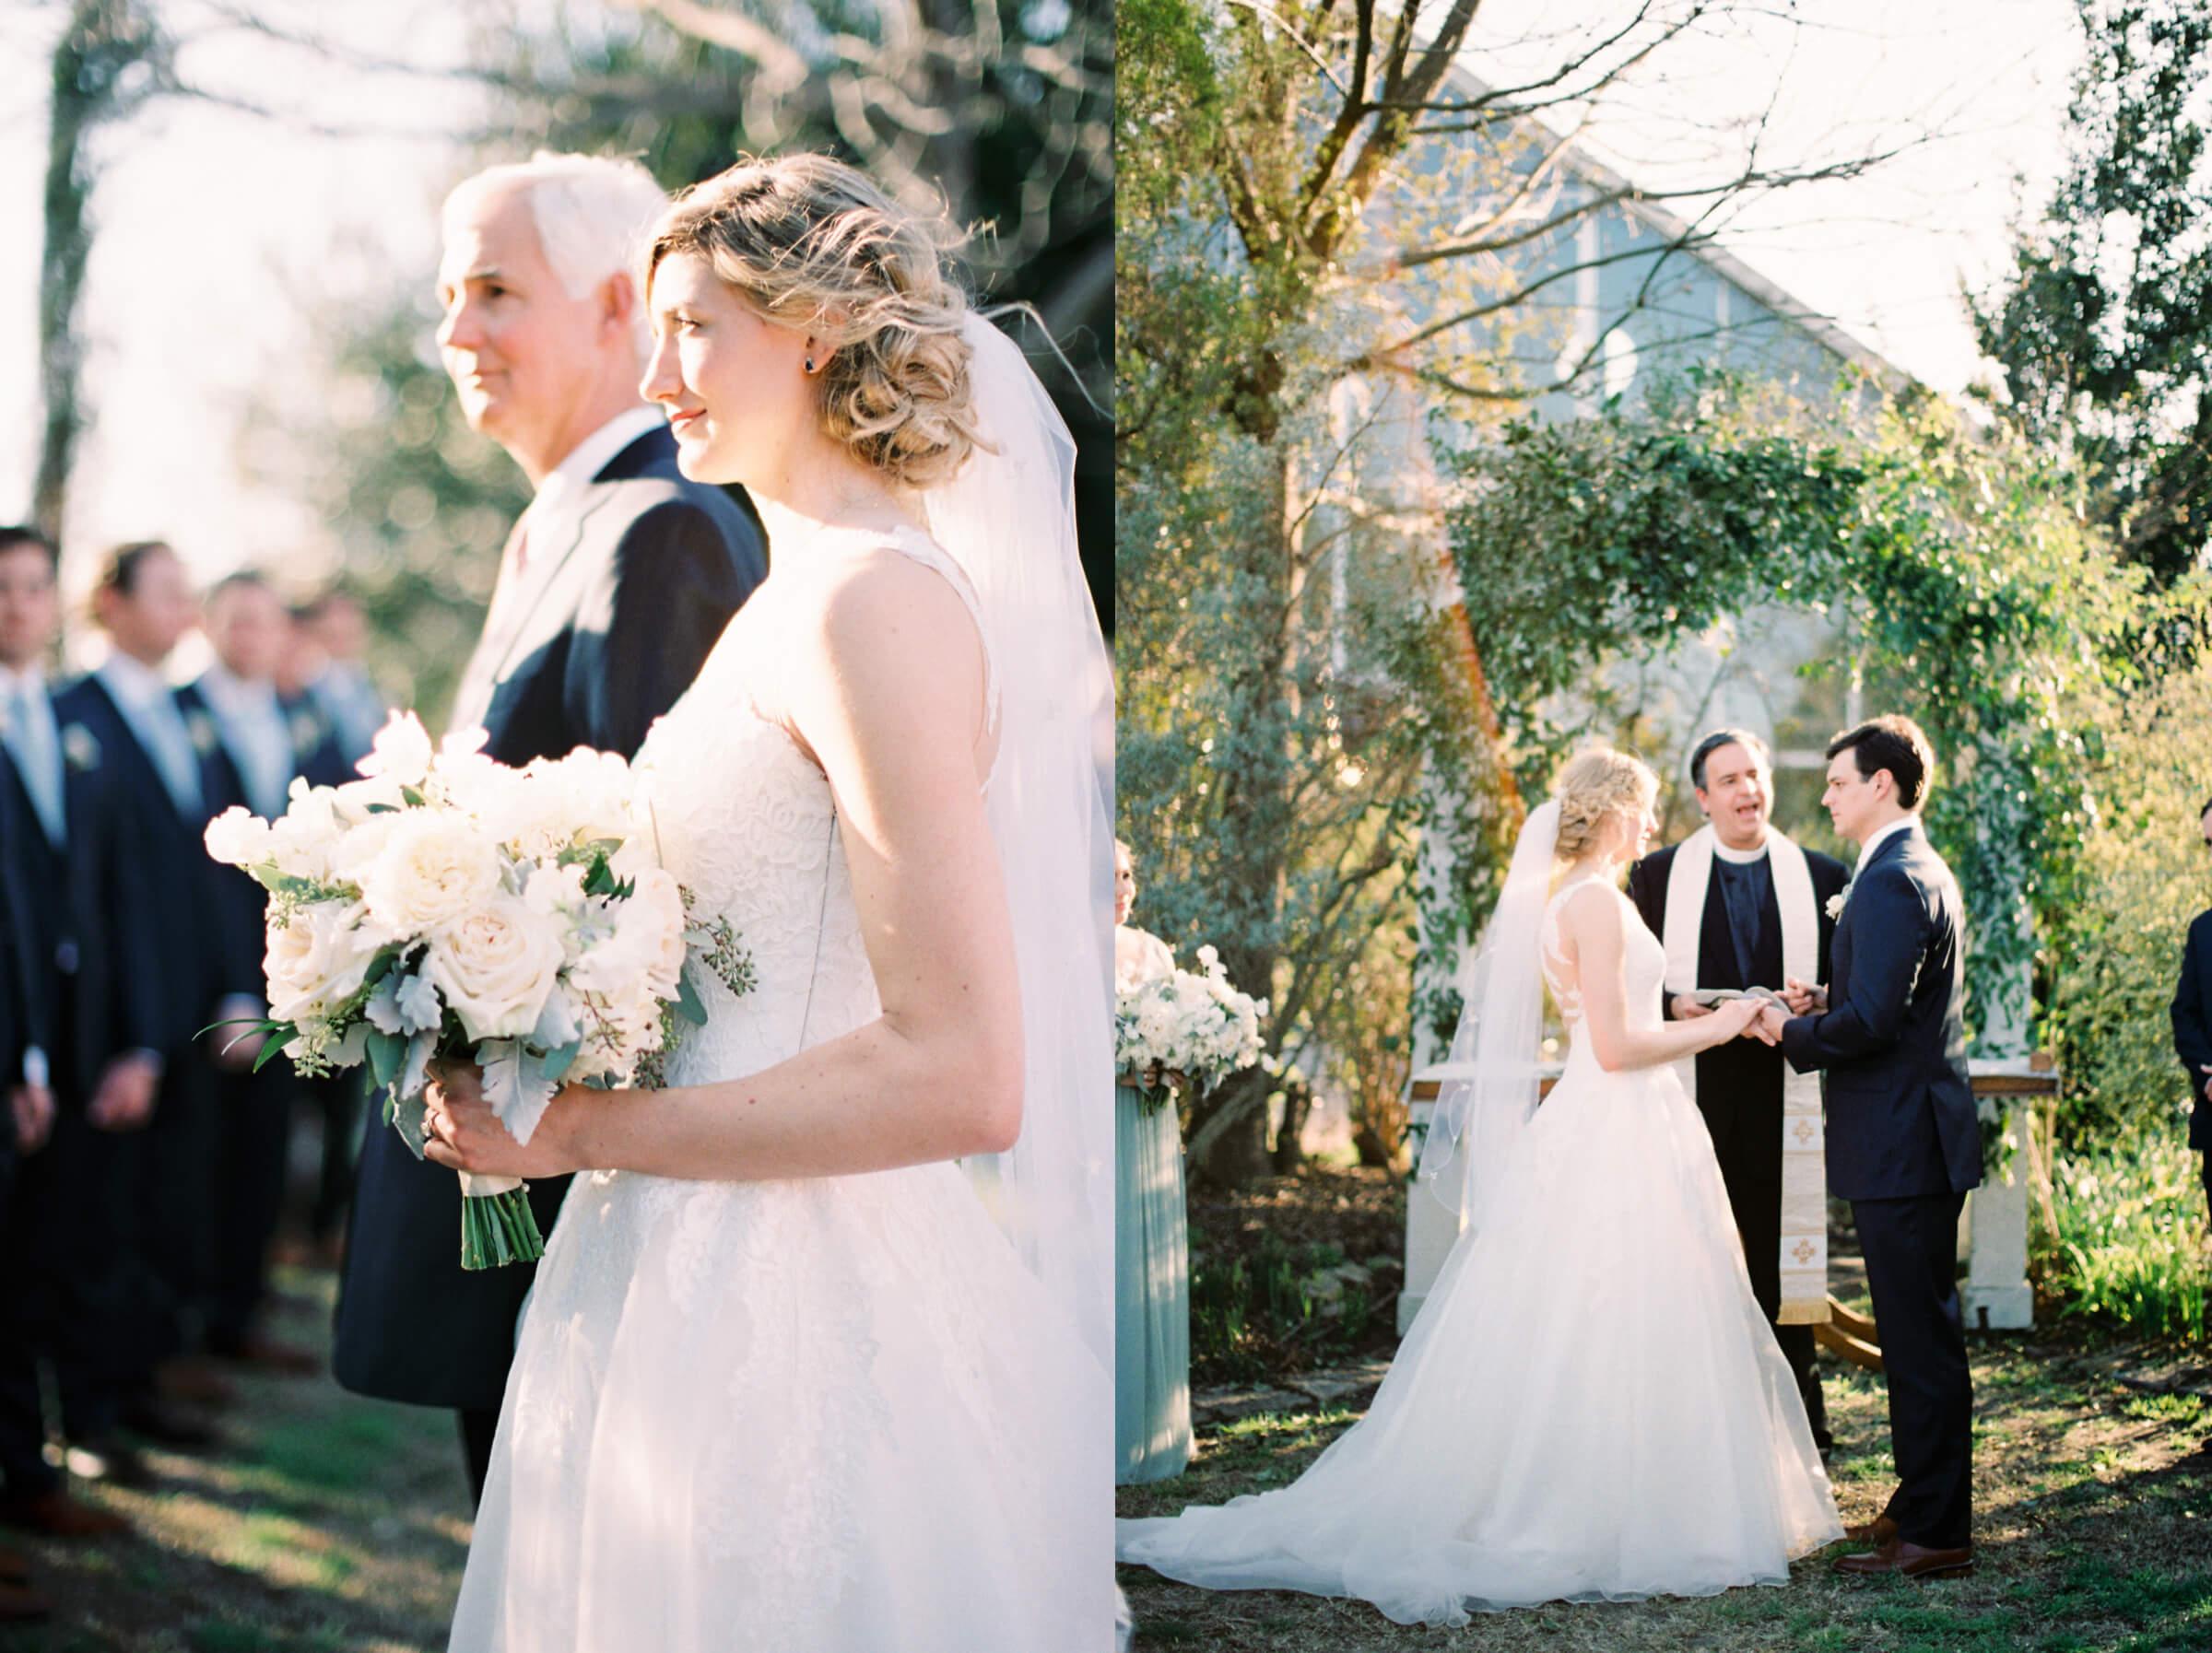 keara-william-wedding-448 copy.jpg